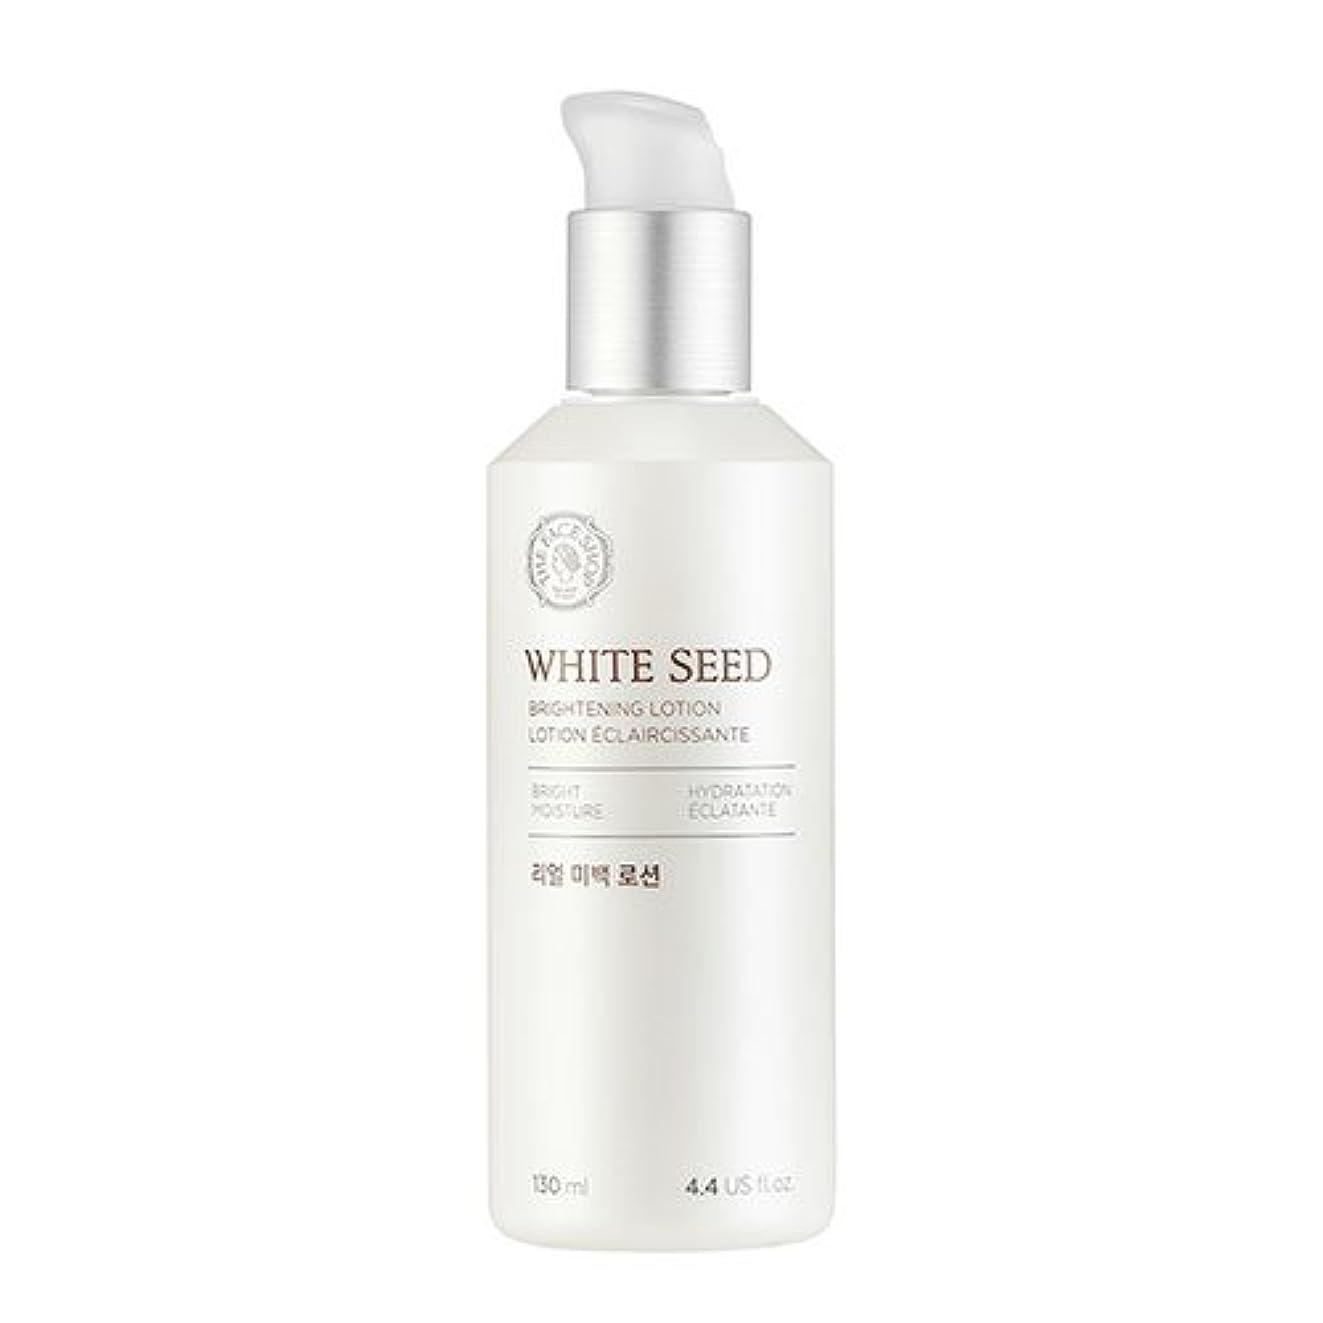 ザフェイスショップ(THEFACESHOP) ホワイトシードビライトニングローション 乳液 WHITE SEED BRIGHTNING LOTION 130ml